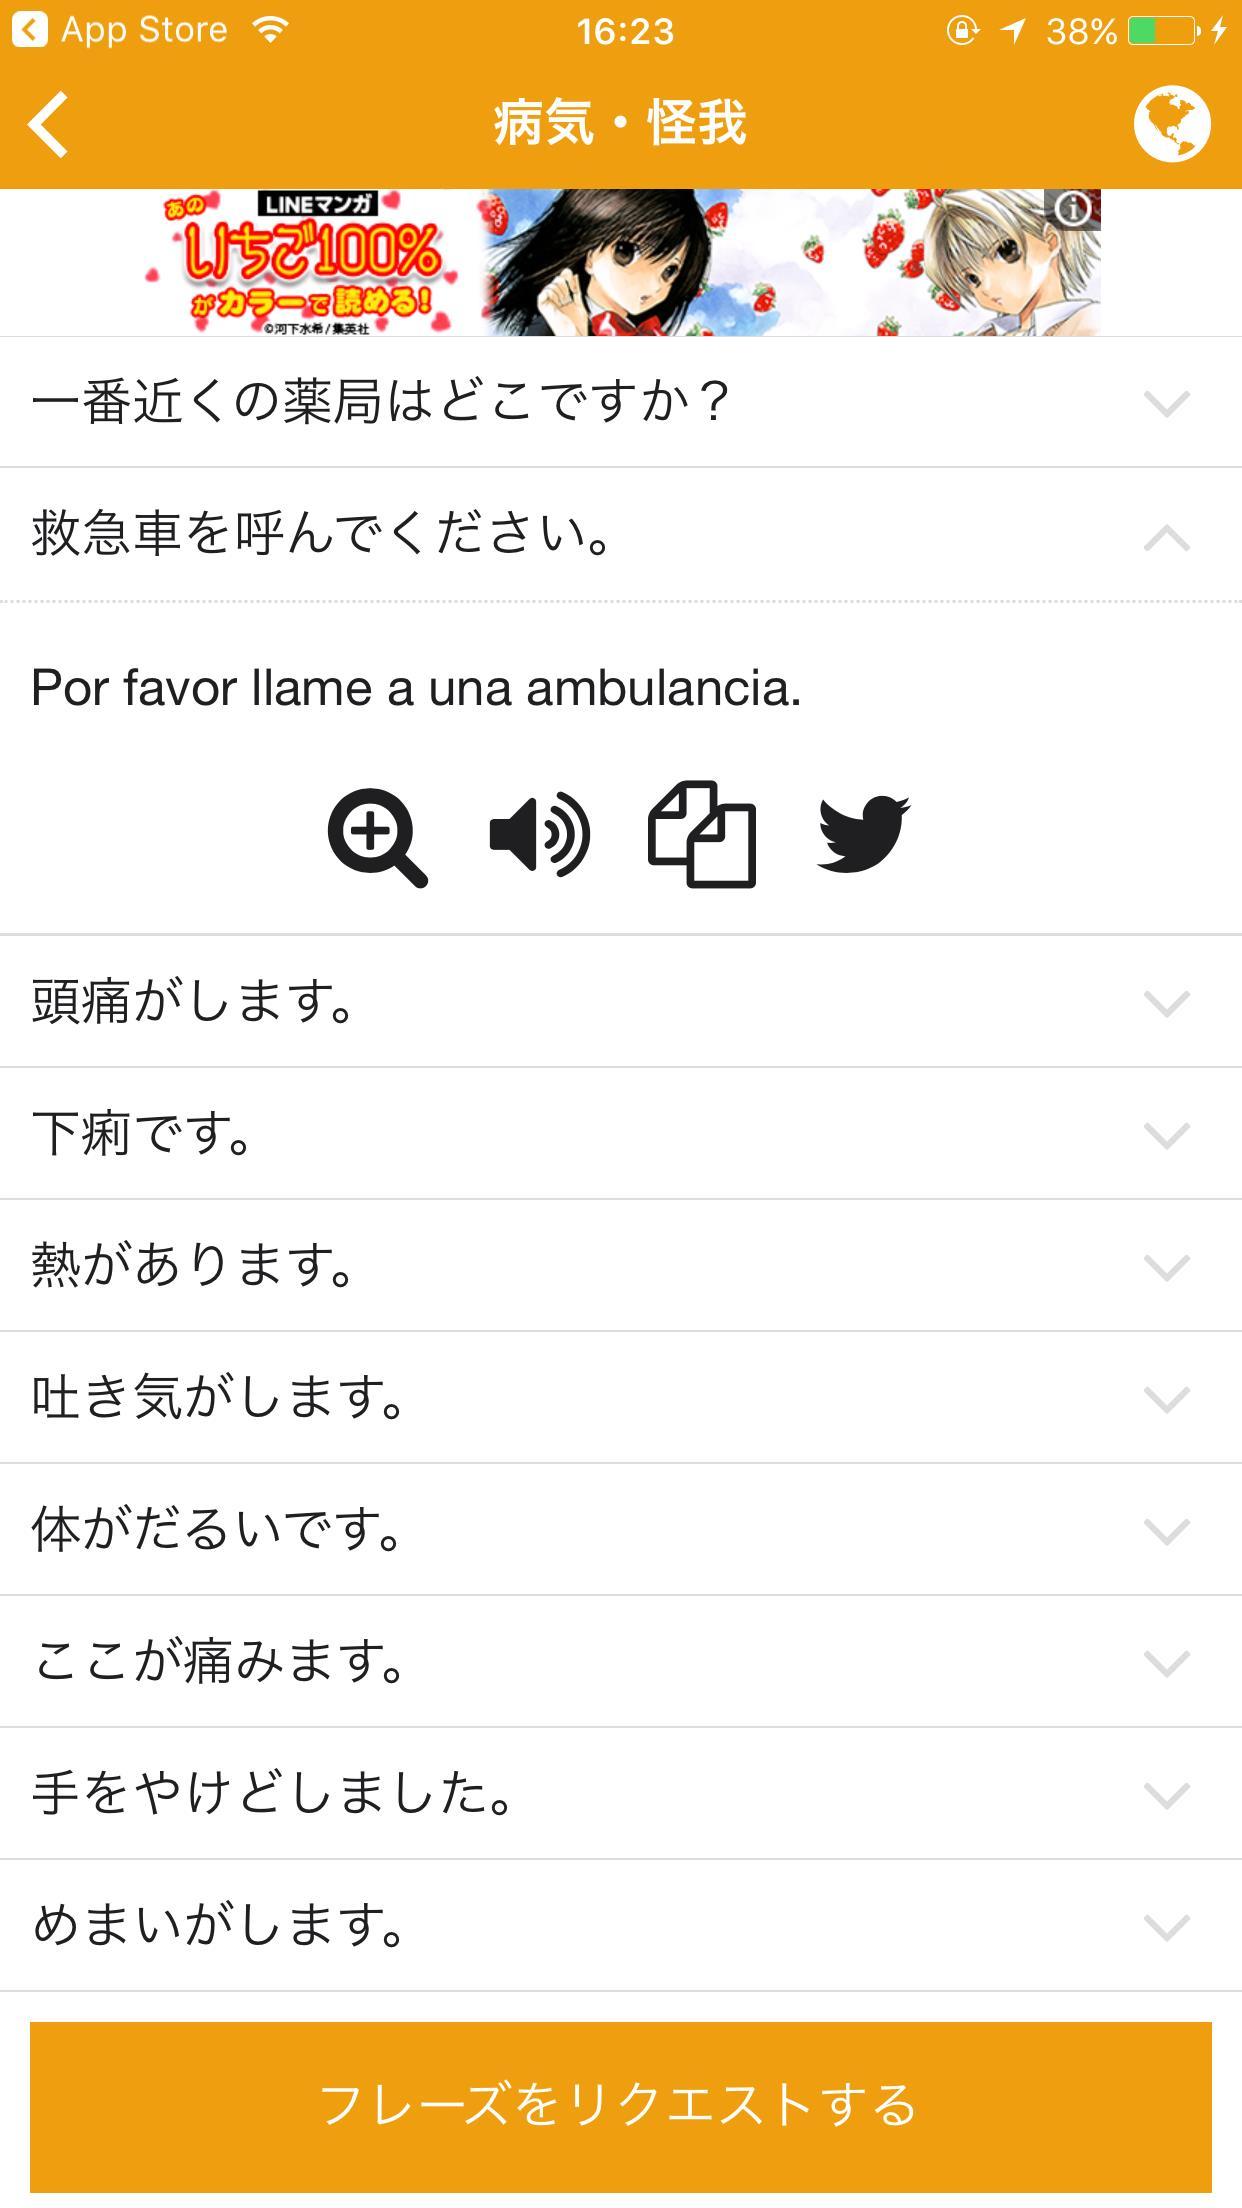 Excuse Meの「救急車を呼んでください」のスペイン語